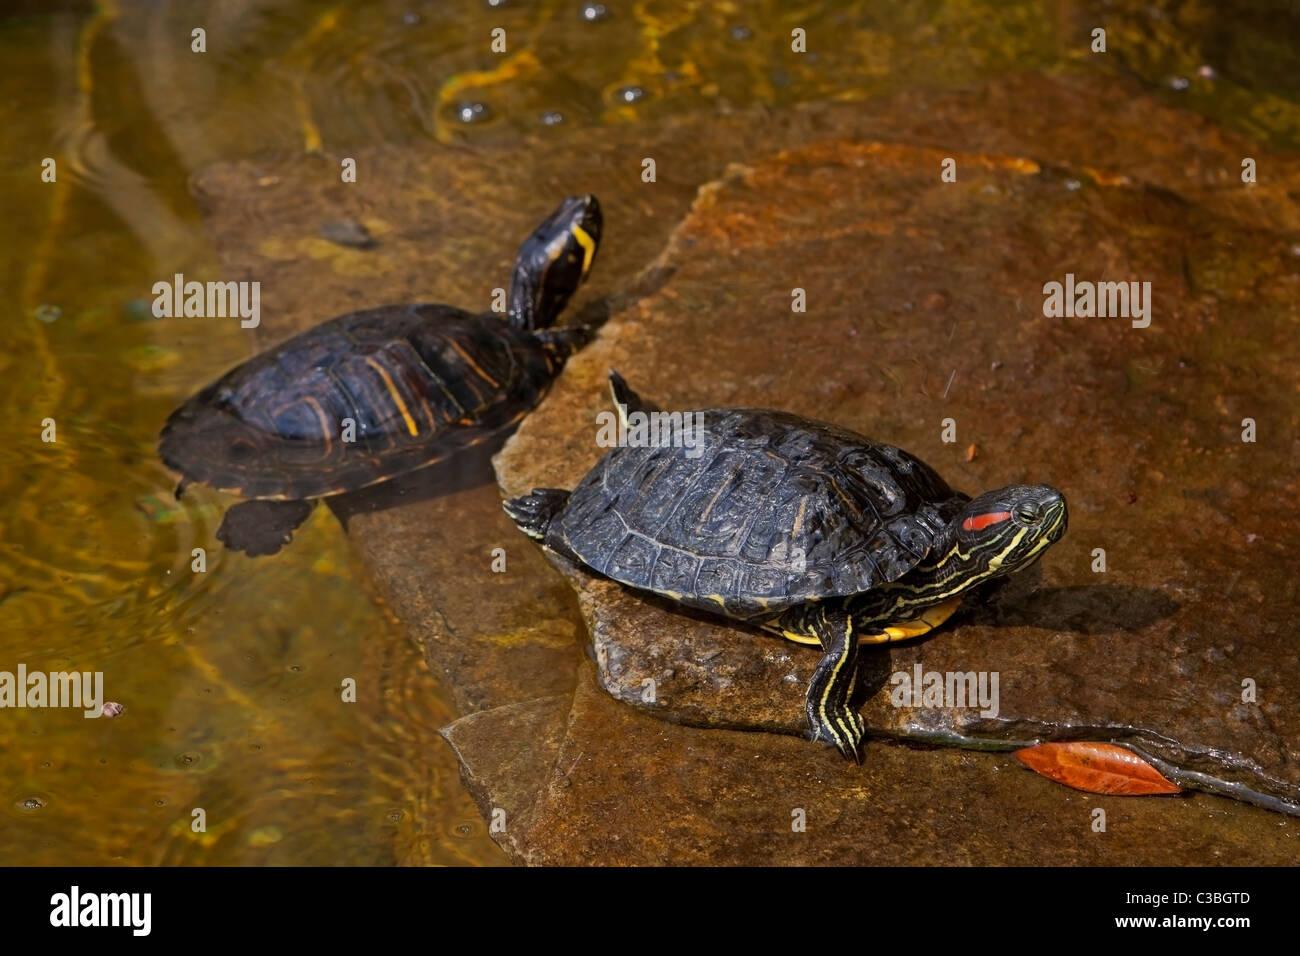 Wasserschildkröten in Italien - Stock Image